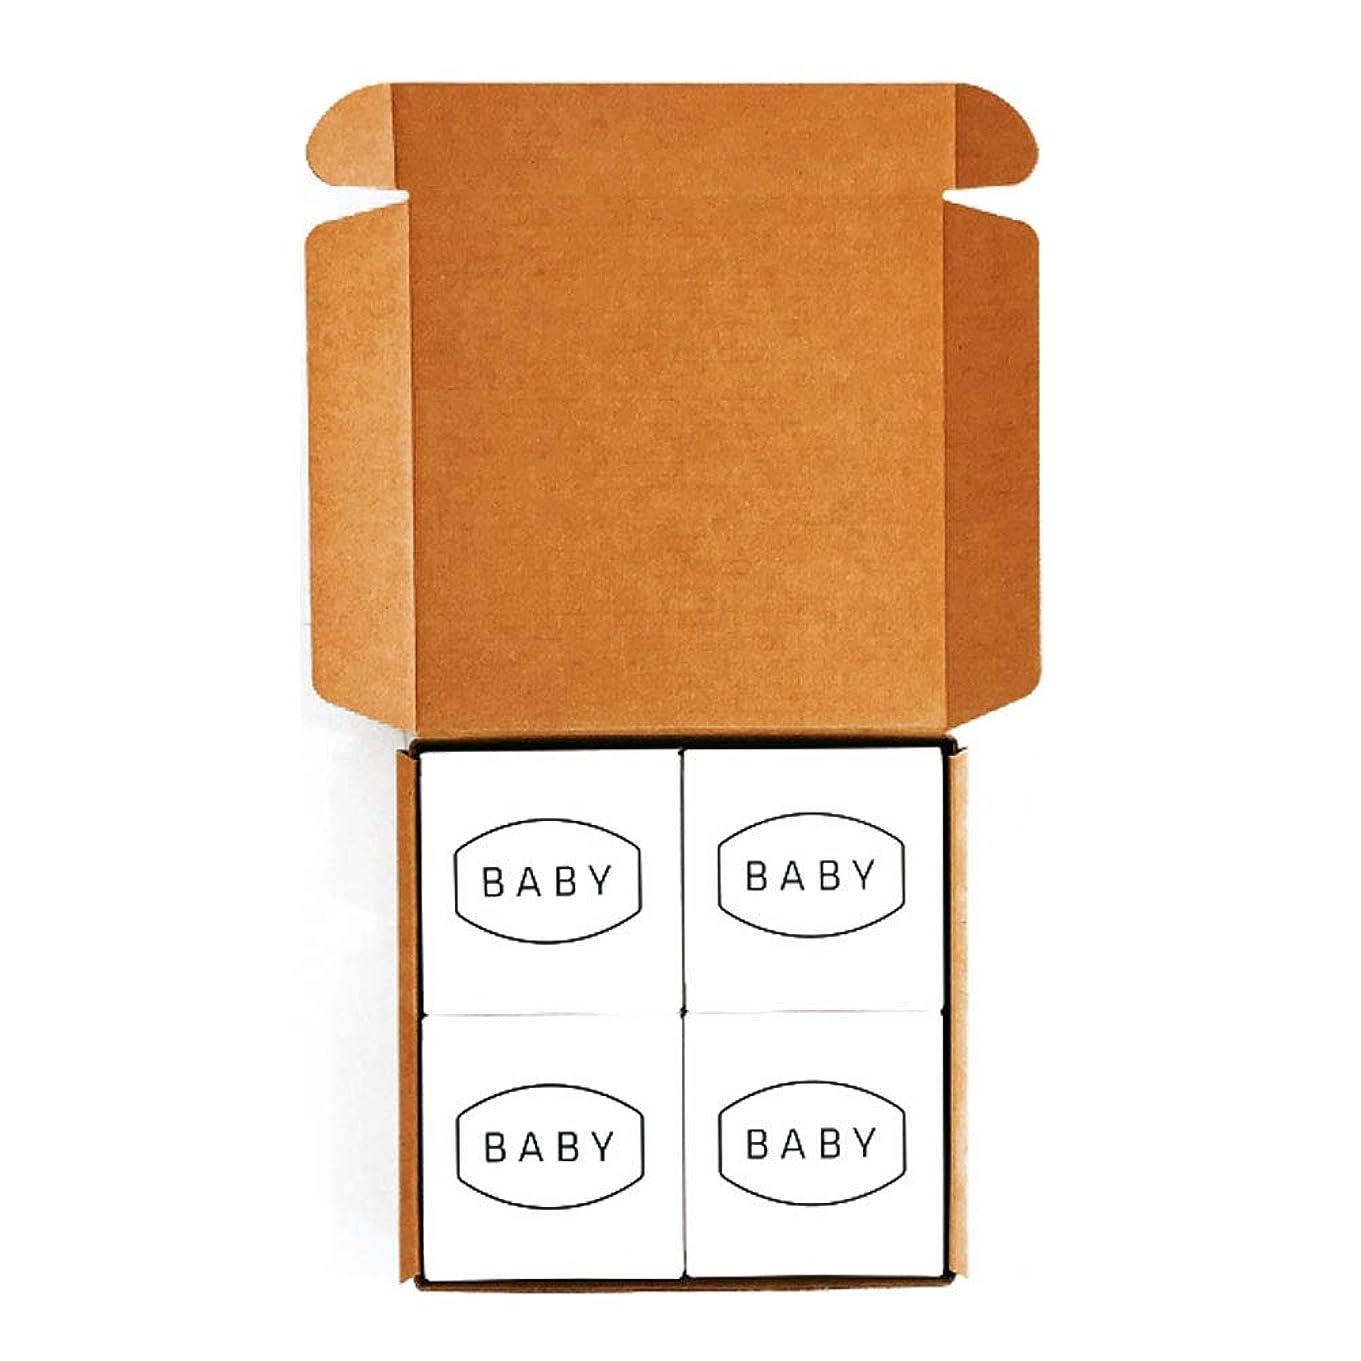 無条件化合物に対応するコメ石鹸ライスバーソープ100g x 4本セットハンドメード石鹸、Rice Soap Ricebar Soap 100g x 4ea Set Handmade Soap [海外直送品]